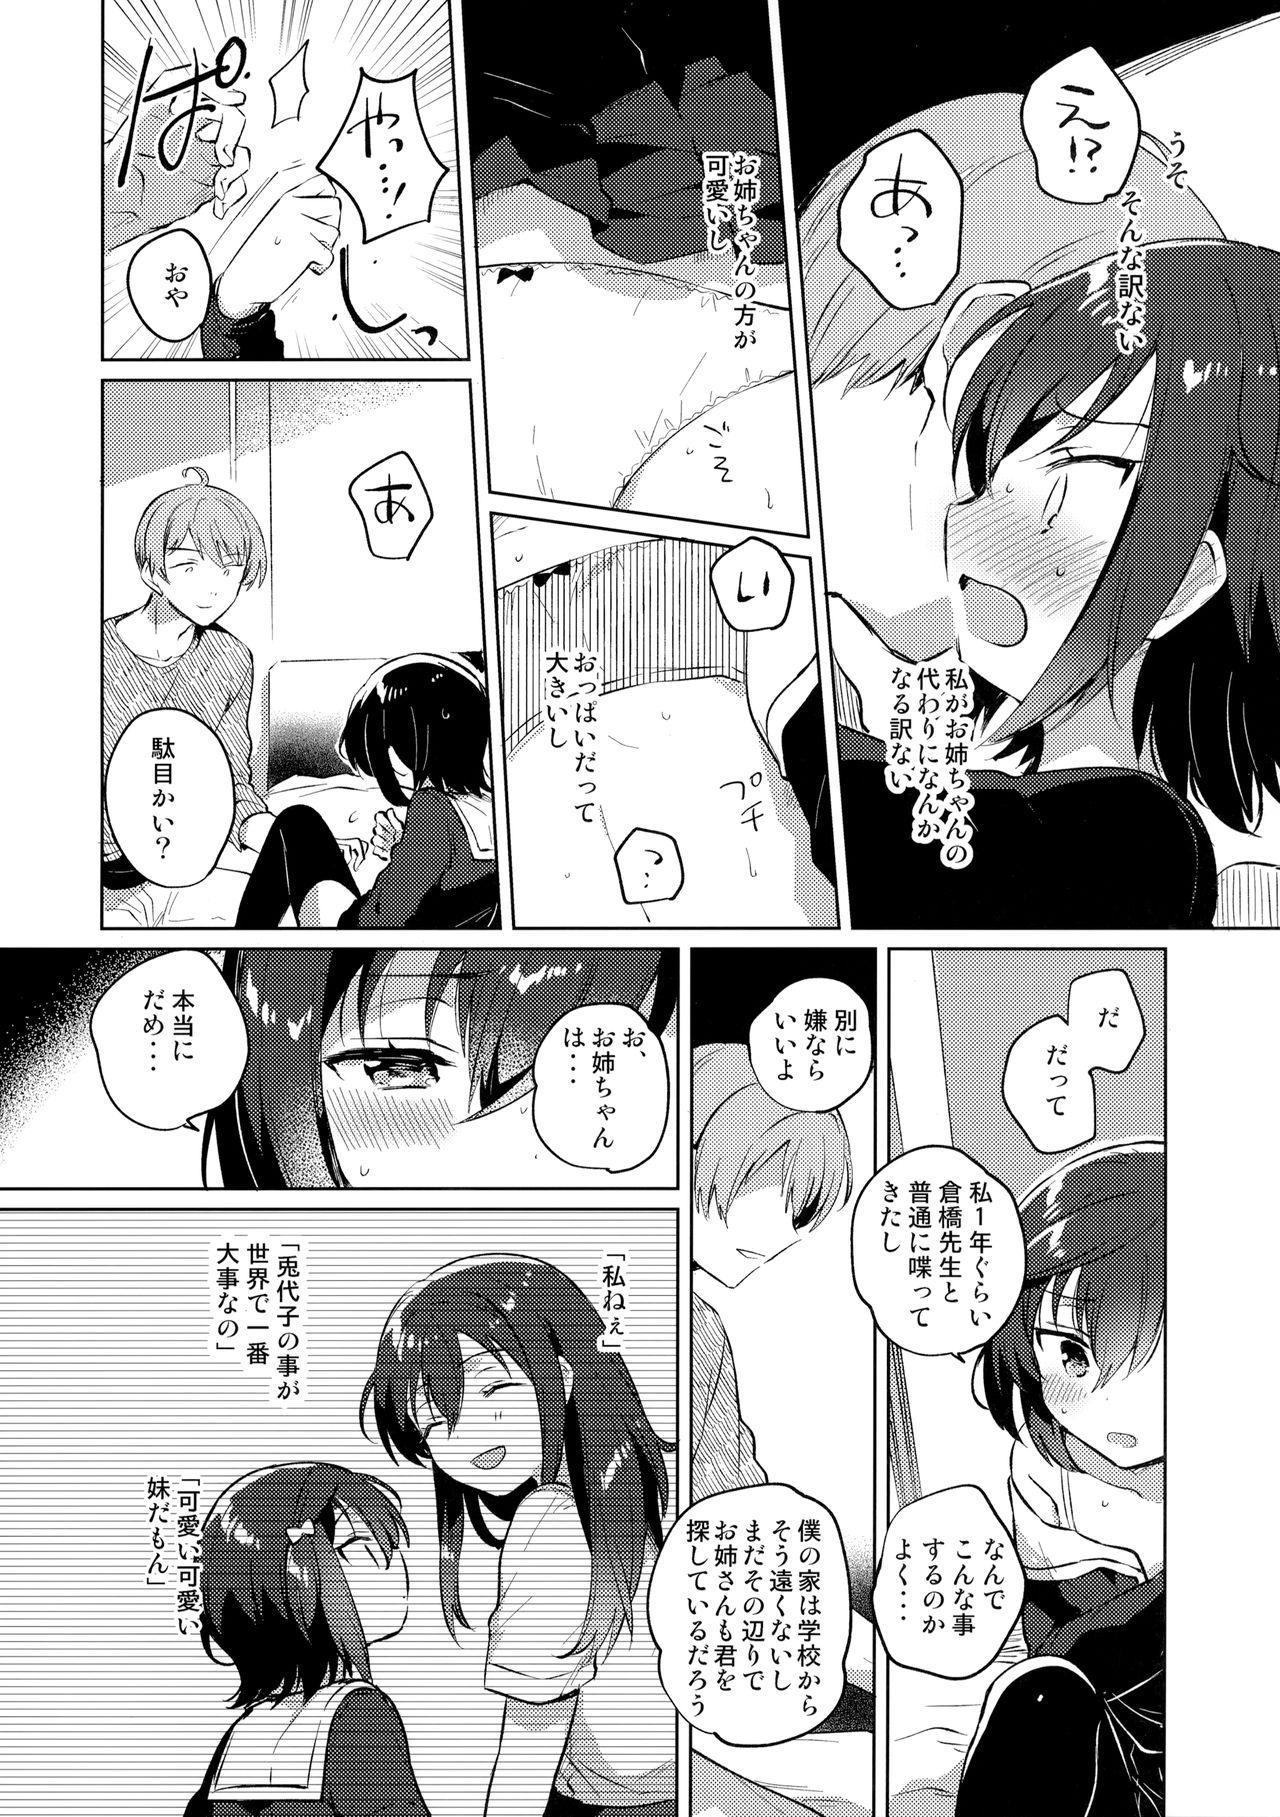 Ane no Kawari 10